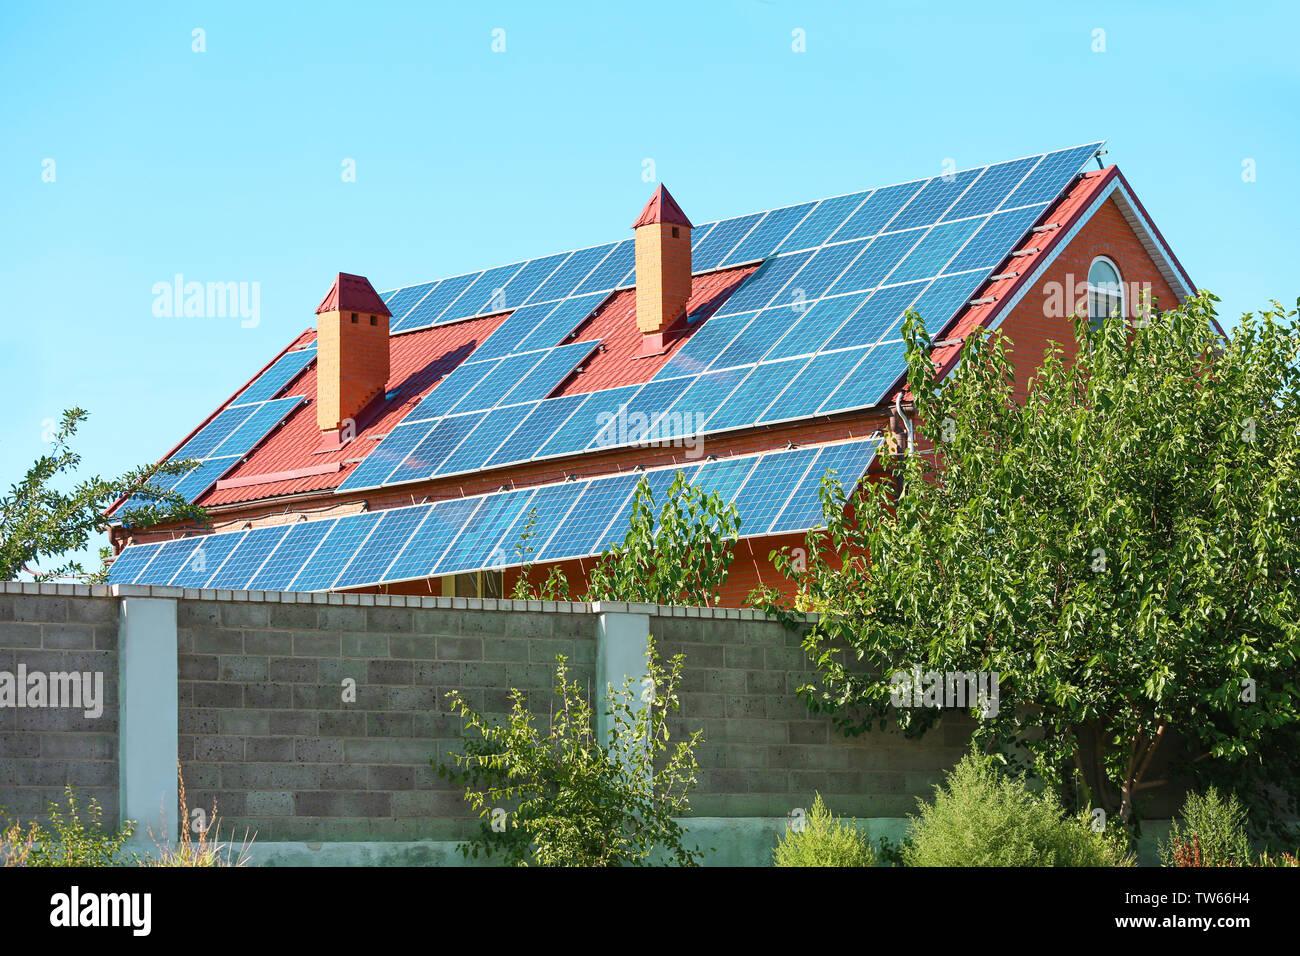 Paneles solares en el techo de la casa Imagen De Stock